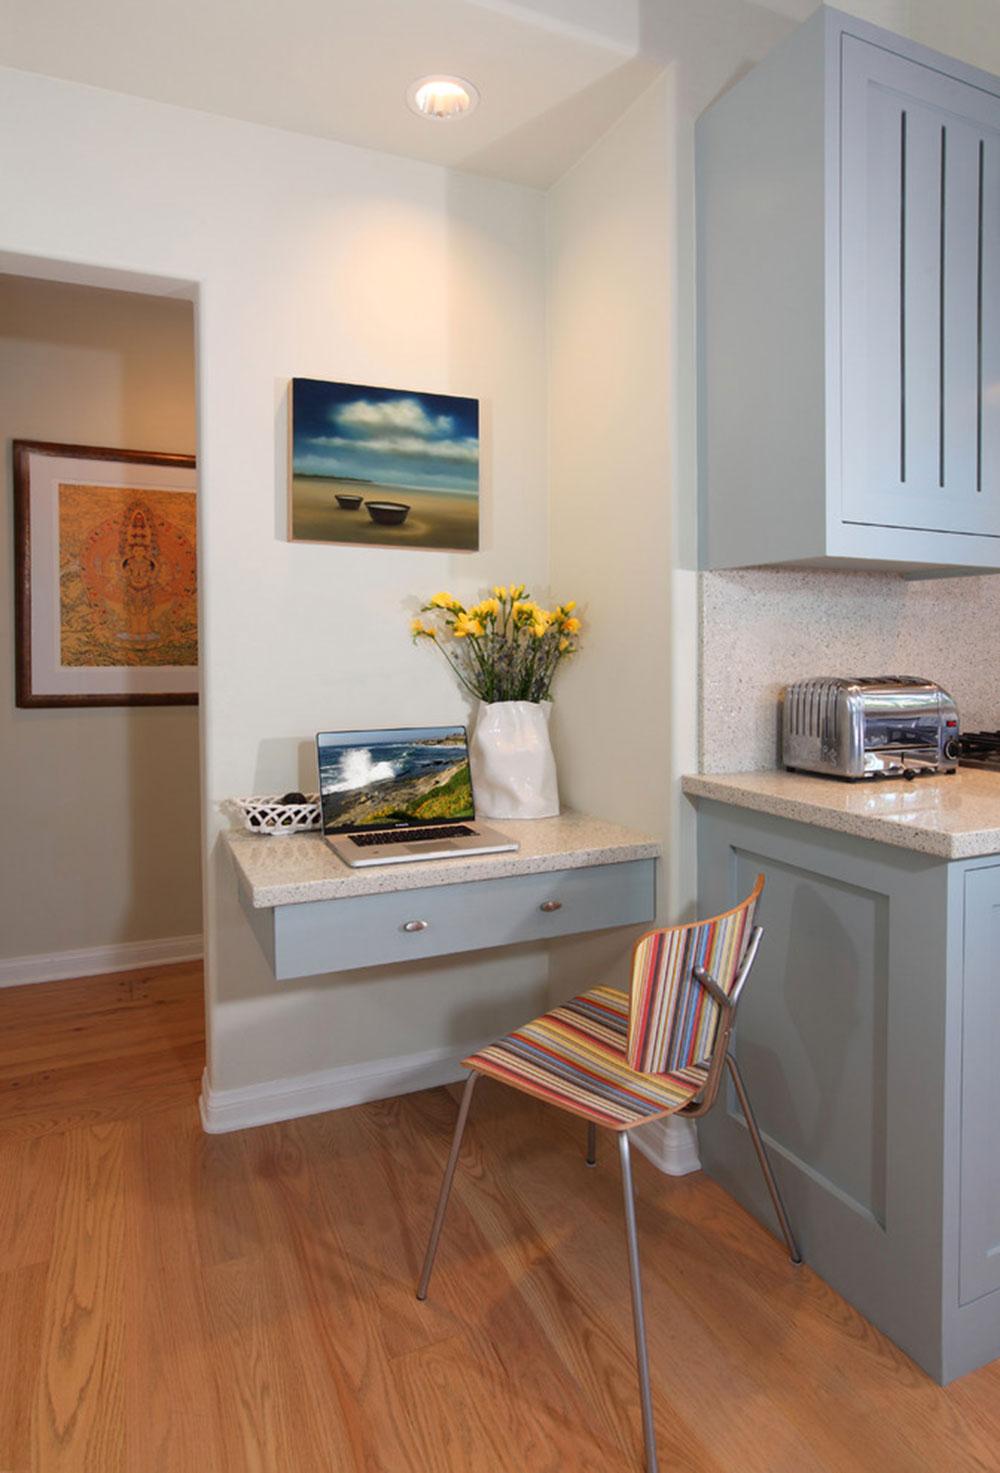 Diy-wall-desk-for-a-pleasant-job1 DIY wall-mounted desk design ideas